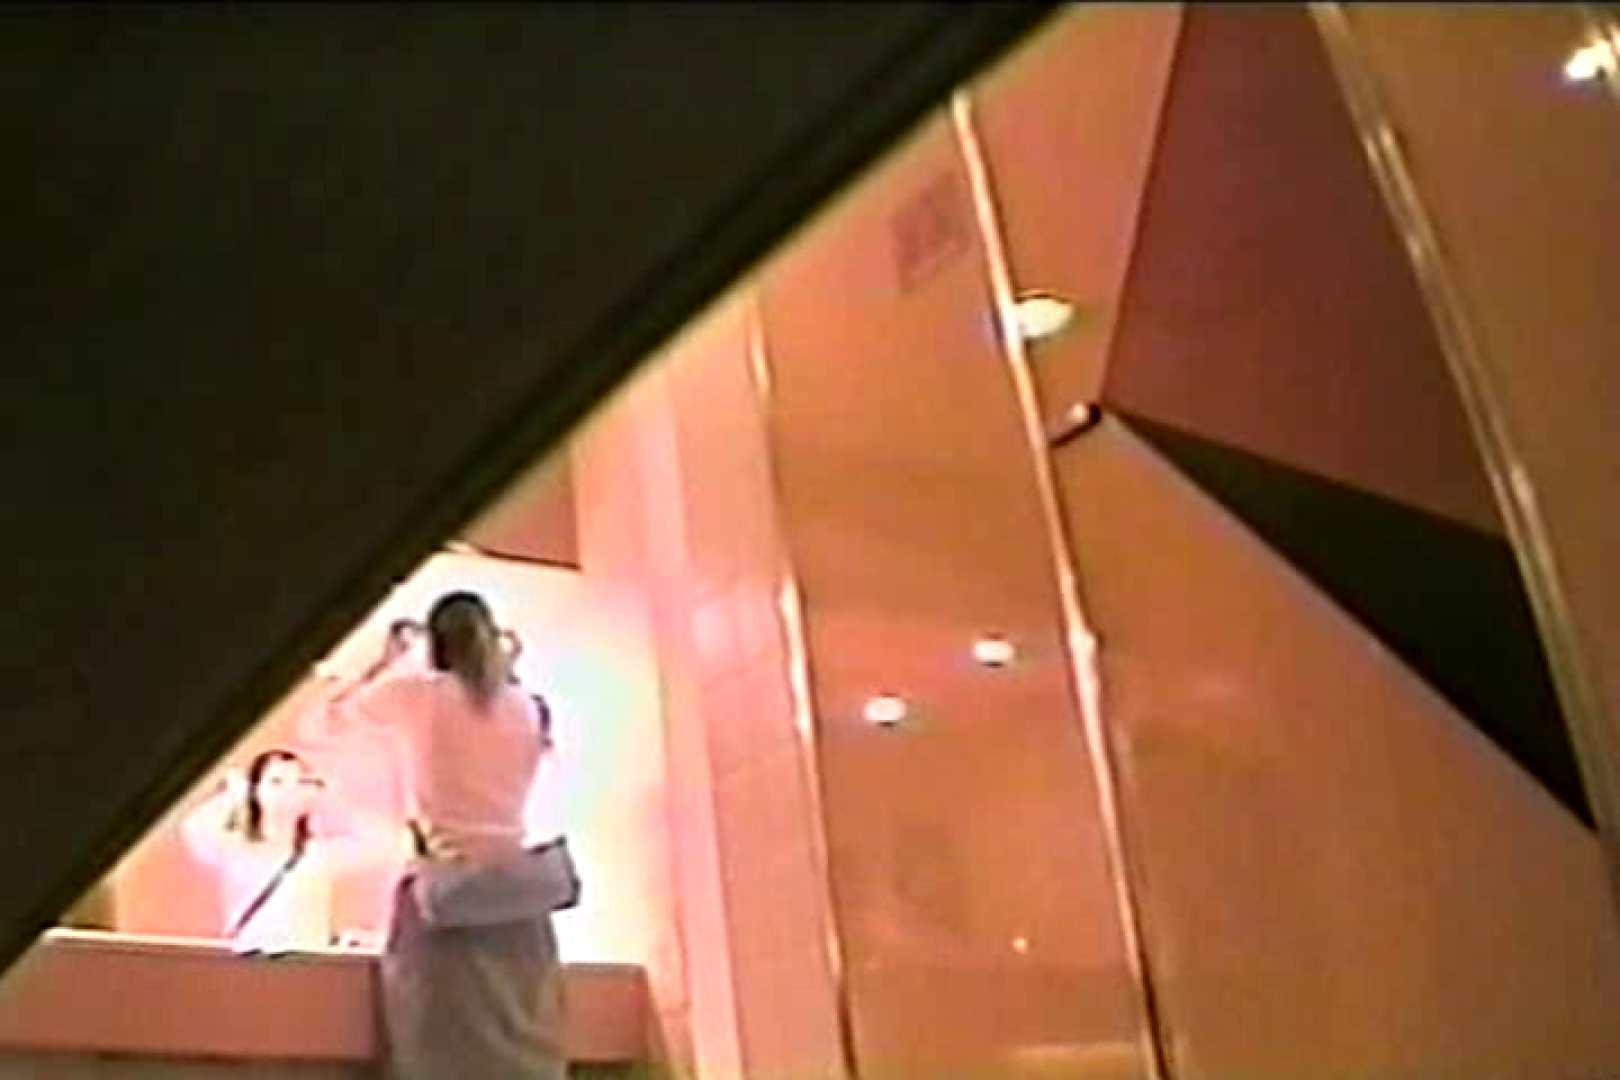 門外不出デパート洗面所 No.5 ギャルのエロ動画 のぞき動画キャプチャ 61画像 15